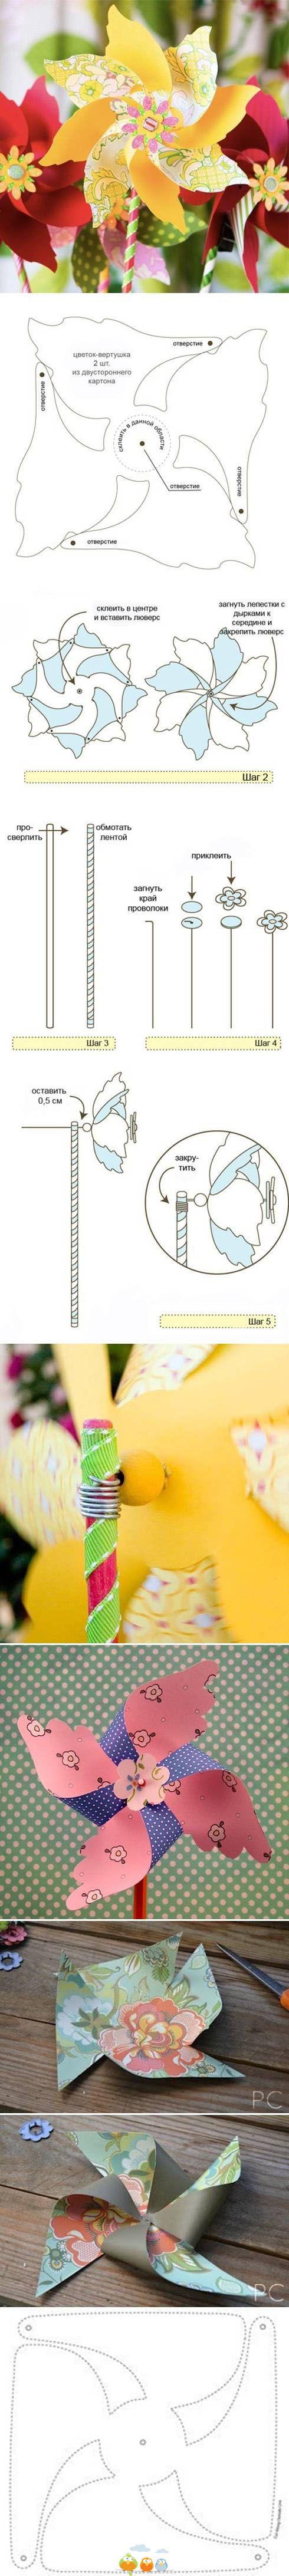 Cute paper windmills patterns: